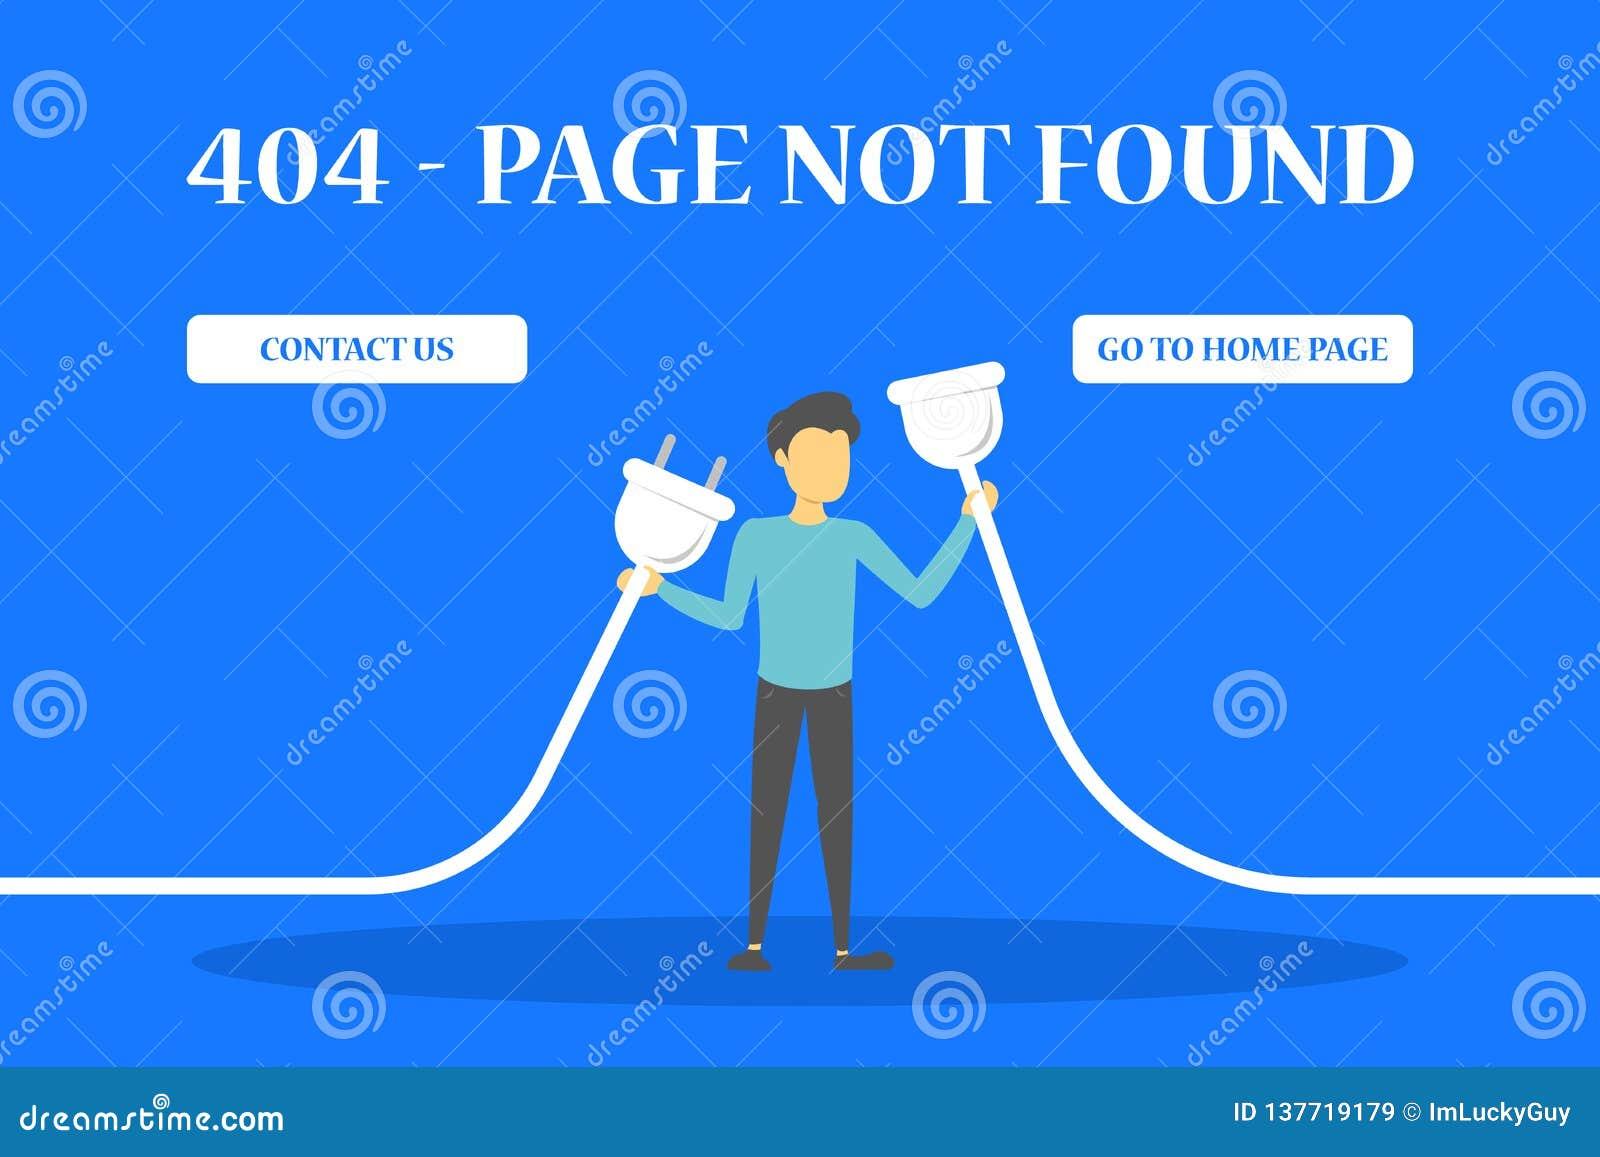 μην βριαλμένη σελίδων 404 λάθους έμβλημα για τον ιστοχώρο